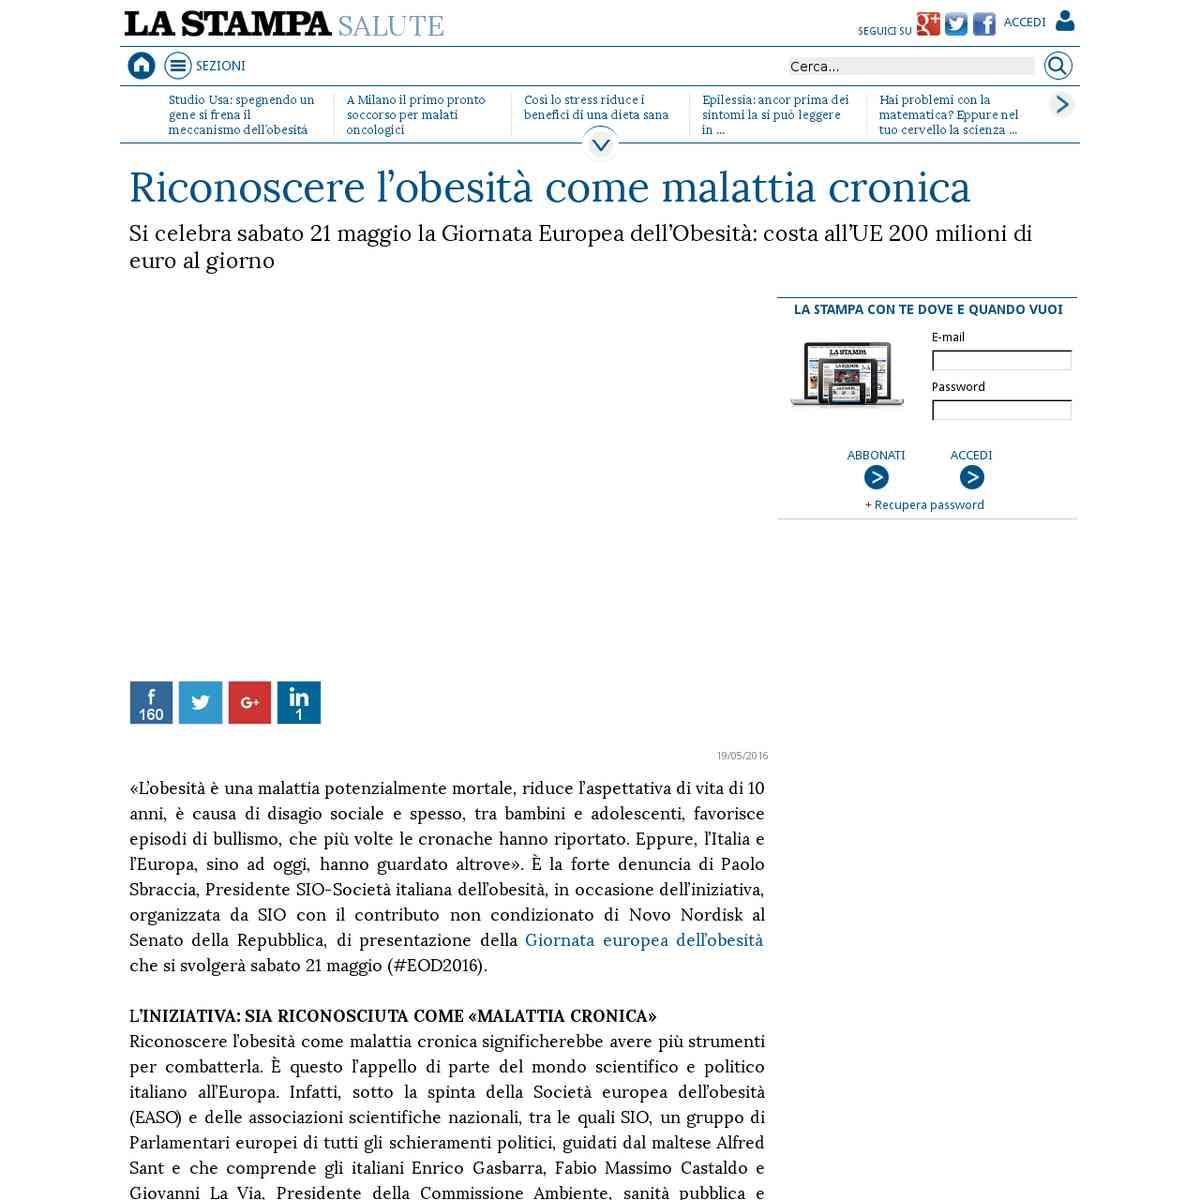 Riconoscere l'obesità come malattia cronica - La Stampa - 19/05/2016